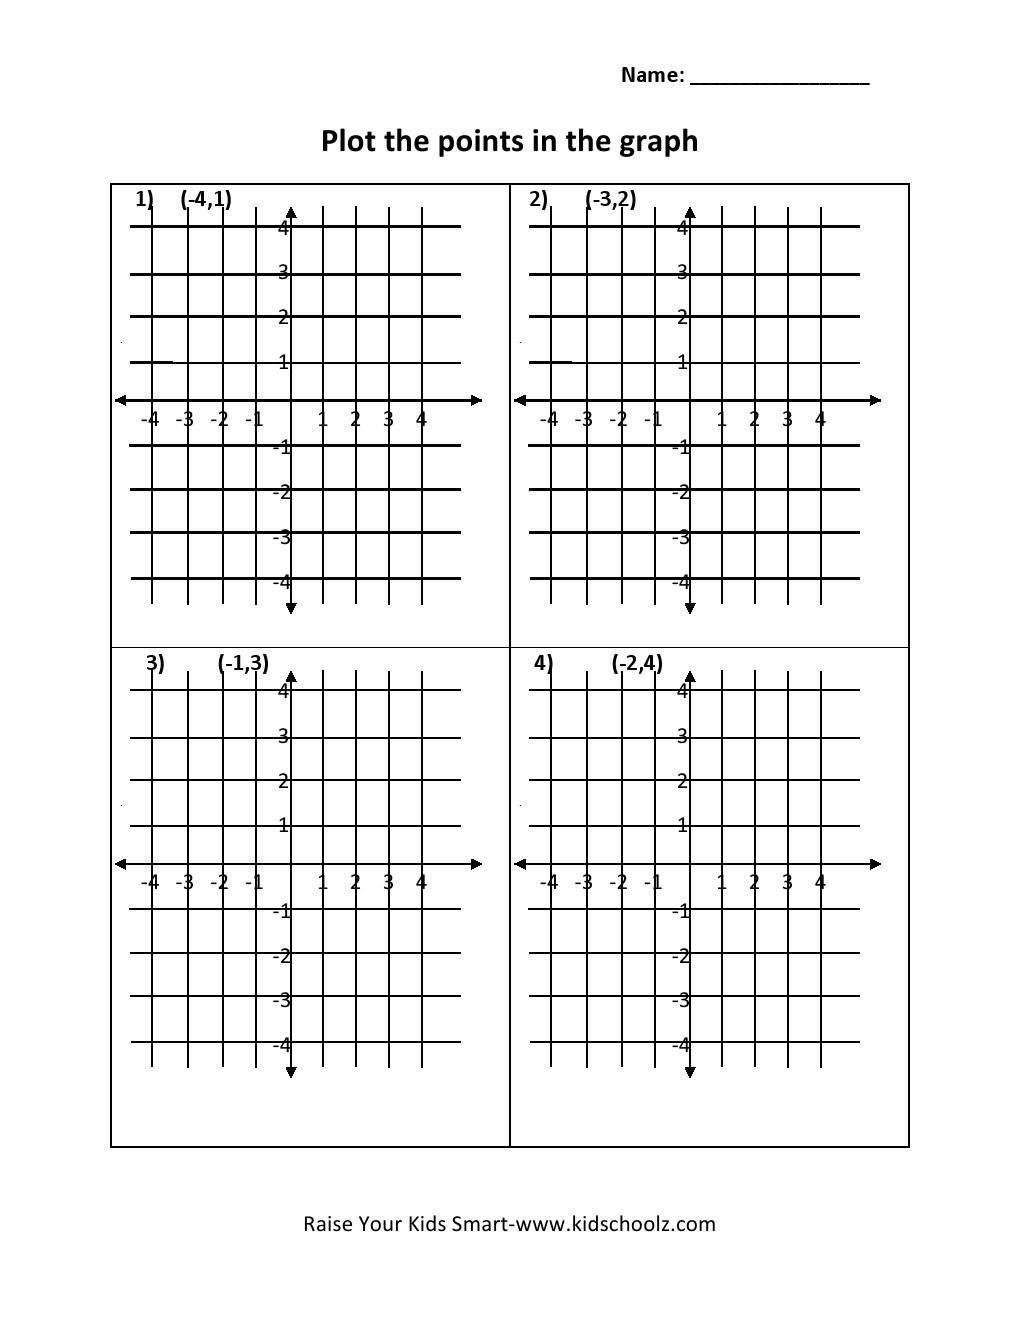 worksheet Plotting Points Worksheets grade 5 plot points worksheet kidschoolz worksheet